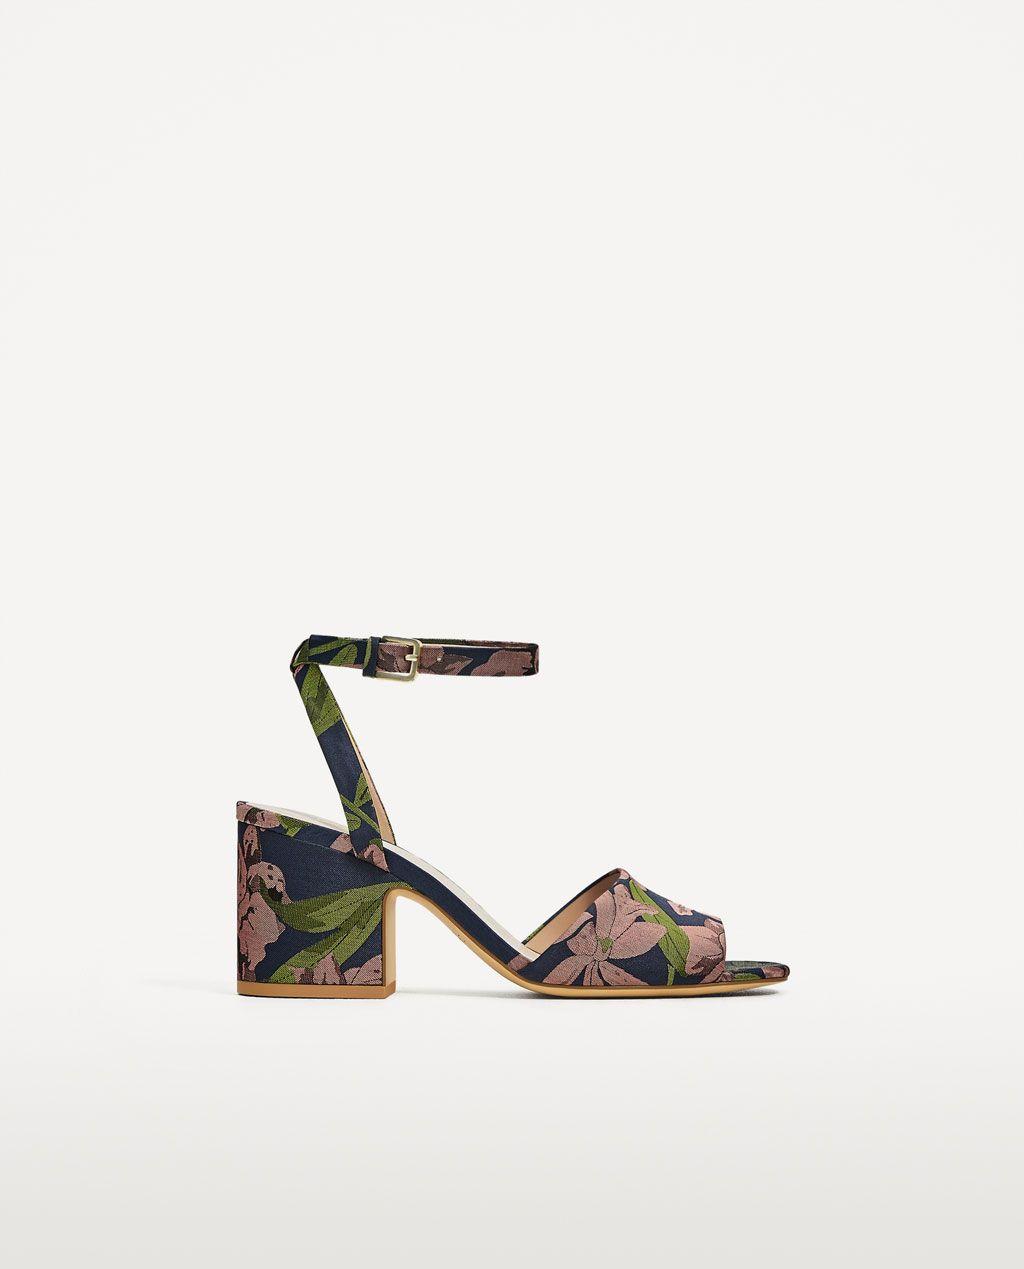 En Mejor Temporada Todo Online Al Mujer El Esta Precio Zara Calzado Encuentra De Moda Descuentos Zapatos d7wBq7